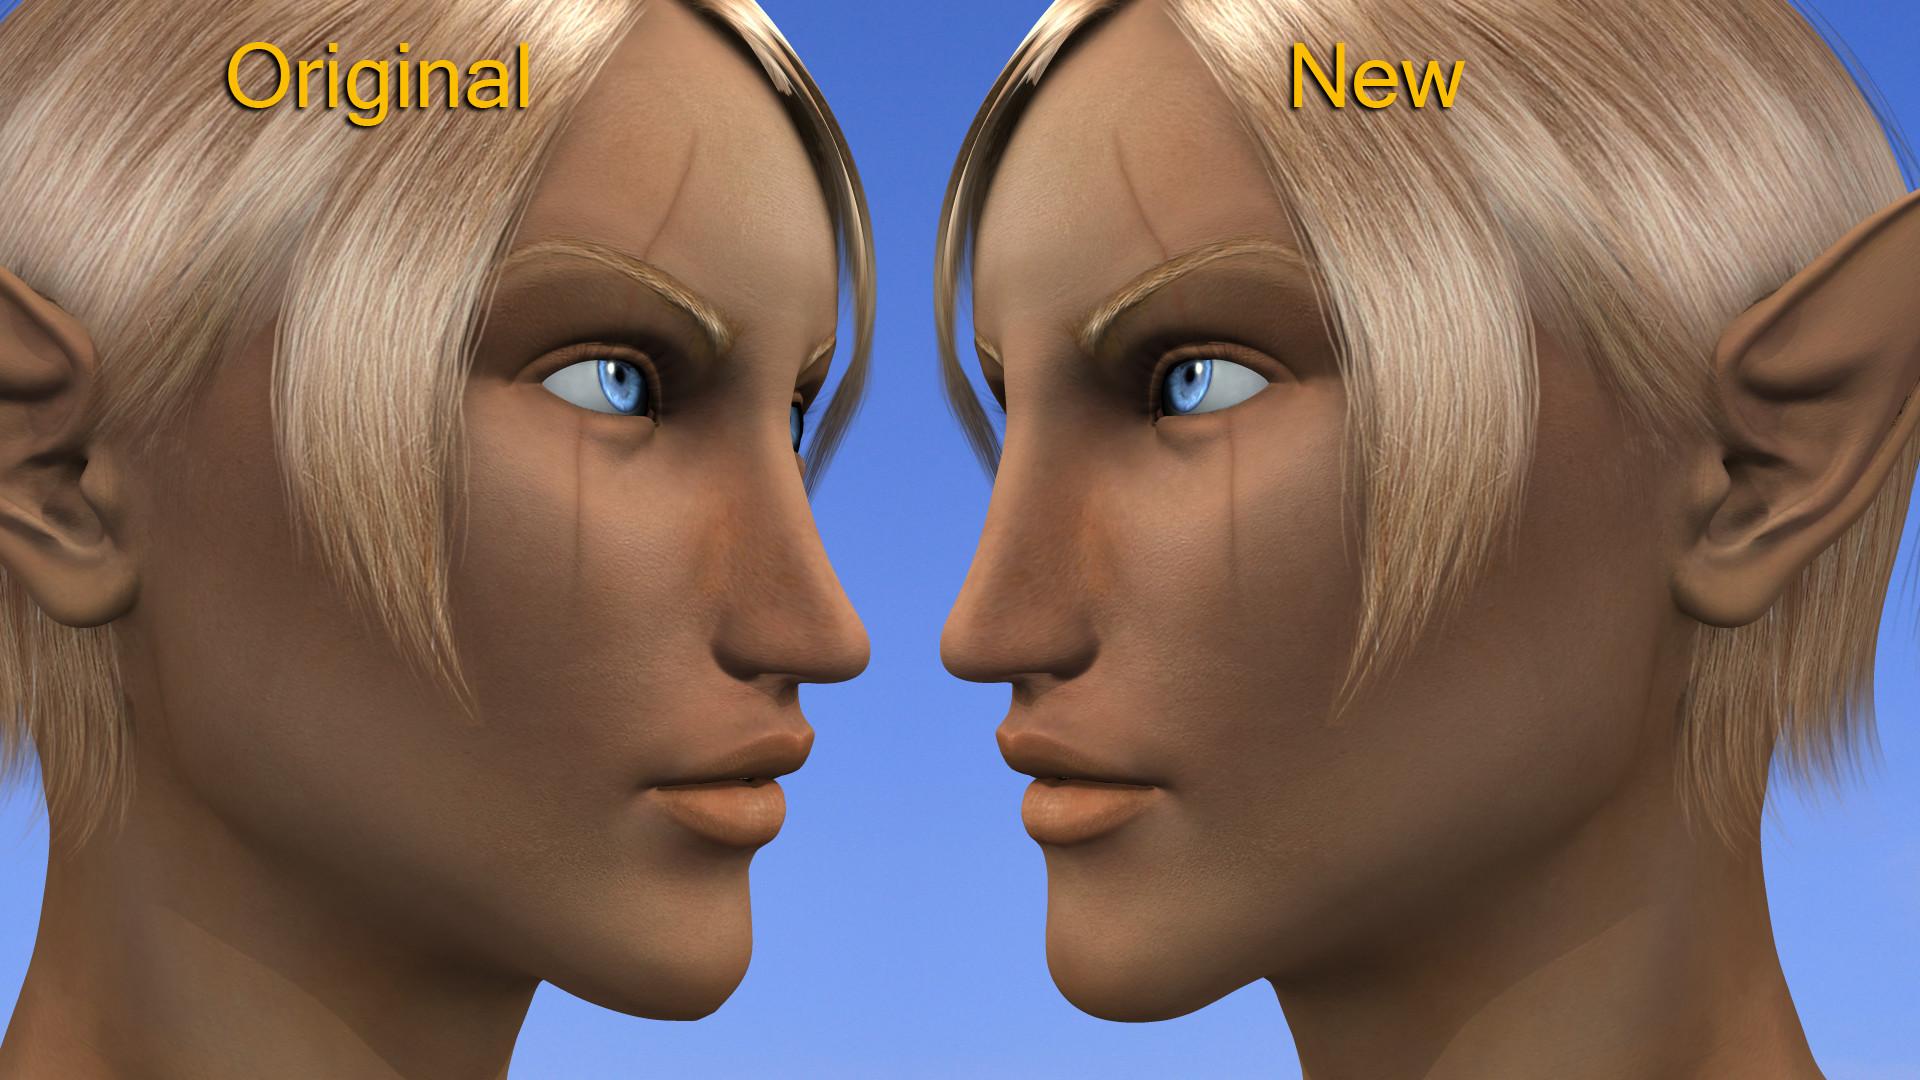 Modifiche al volto B